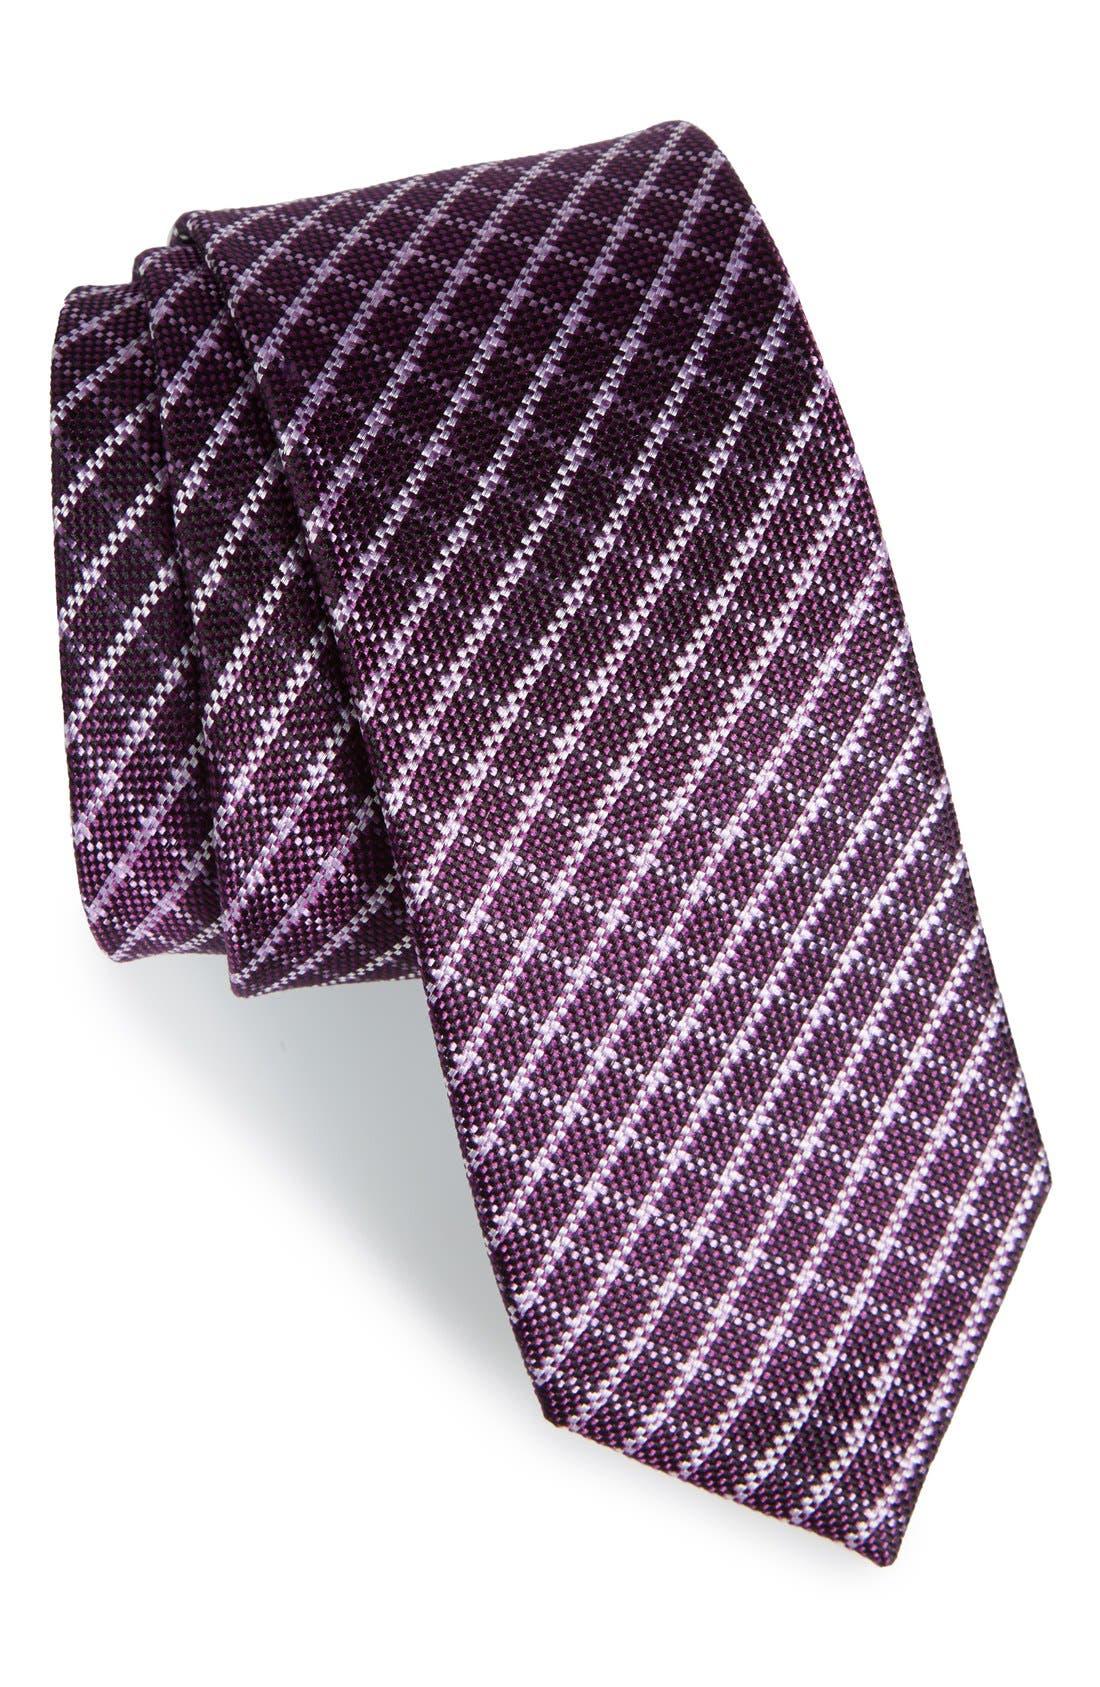 The Tie Bar CheckSilk Tie